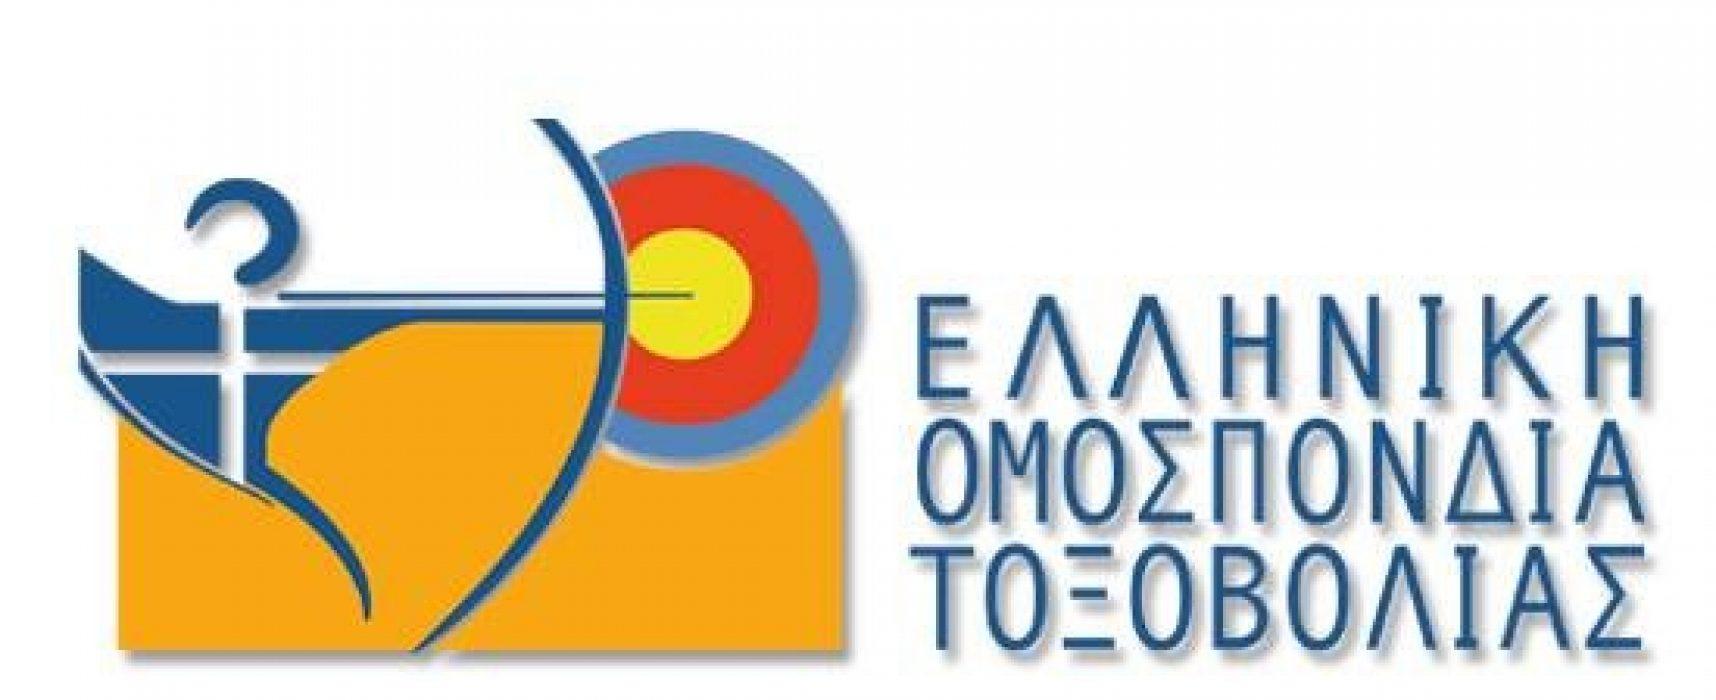 Η λίστα των υποψηφίων για τις αρχαιρεσίες της ΕΟΤ